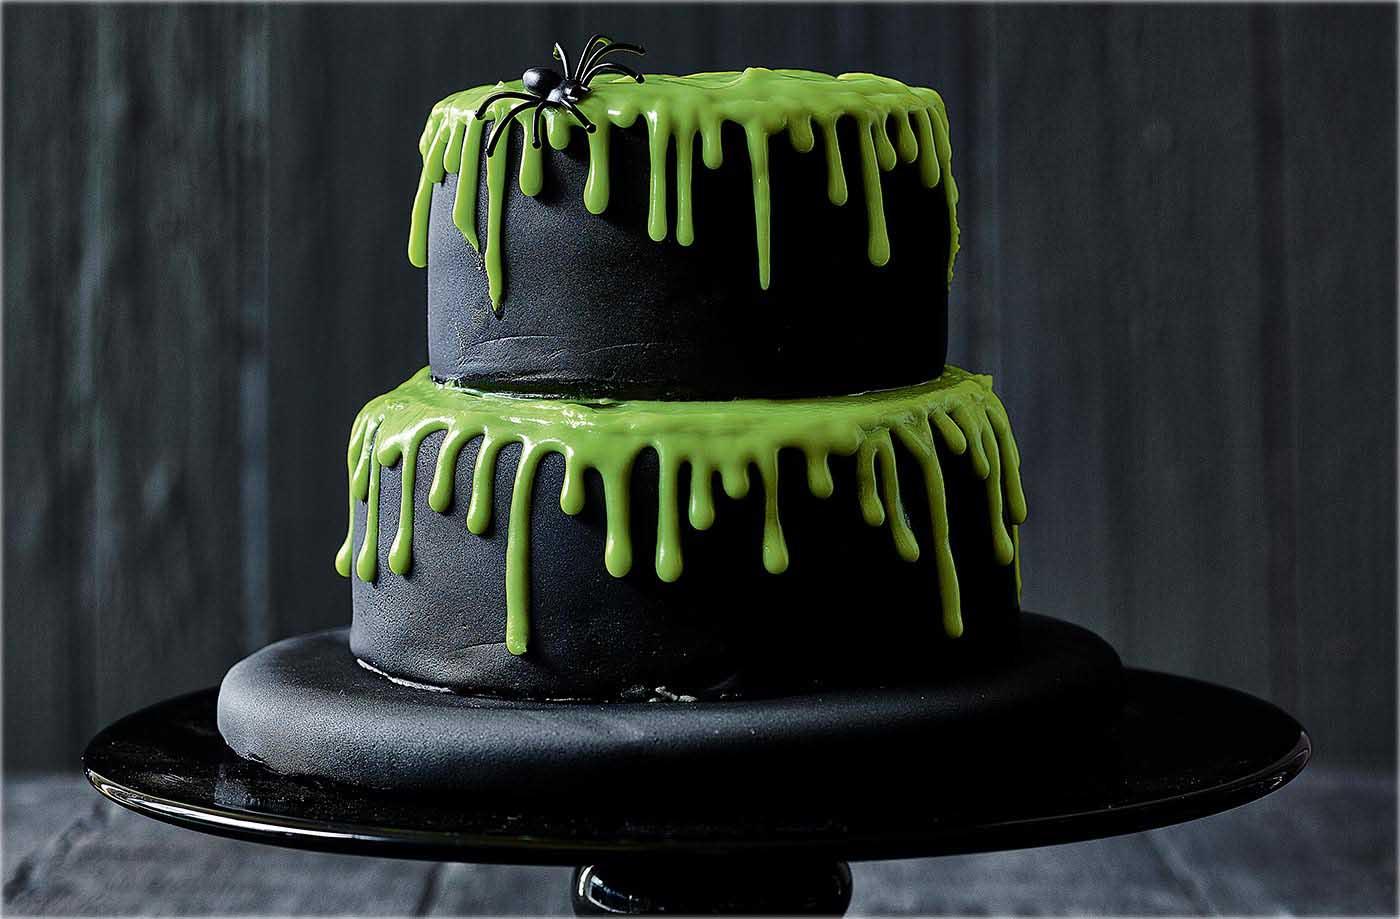 Dark Treats Homemade Halloween Cake Recipes